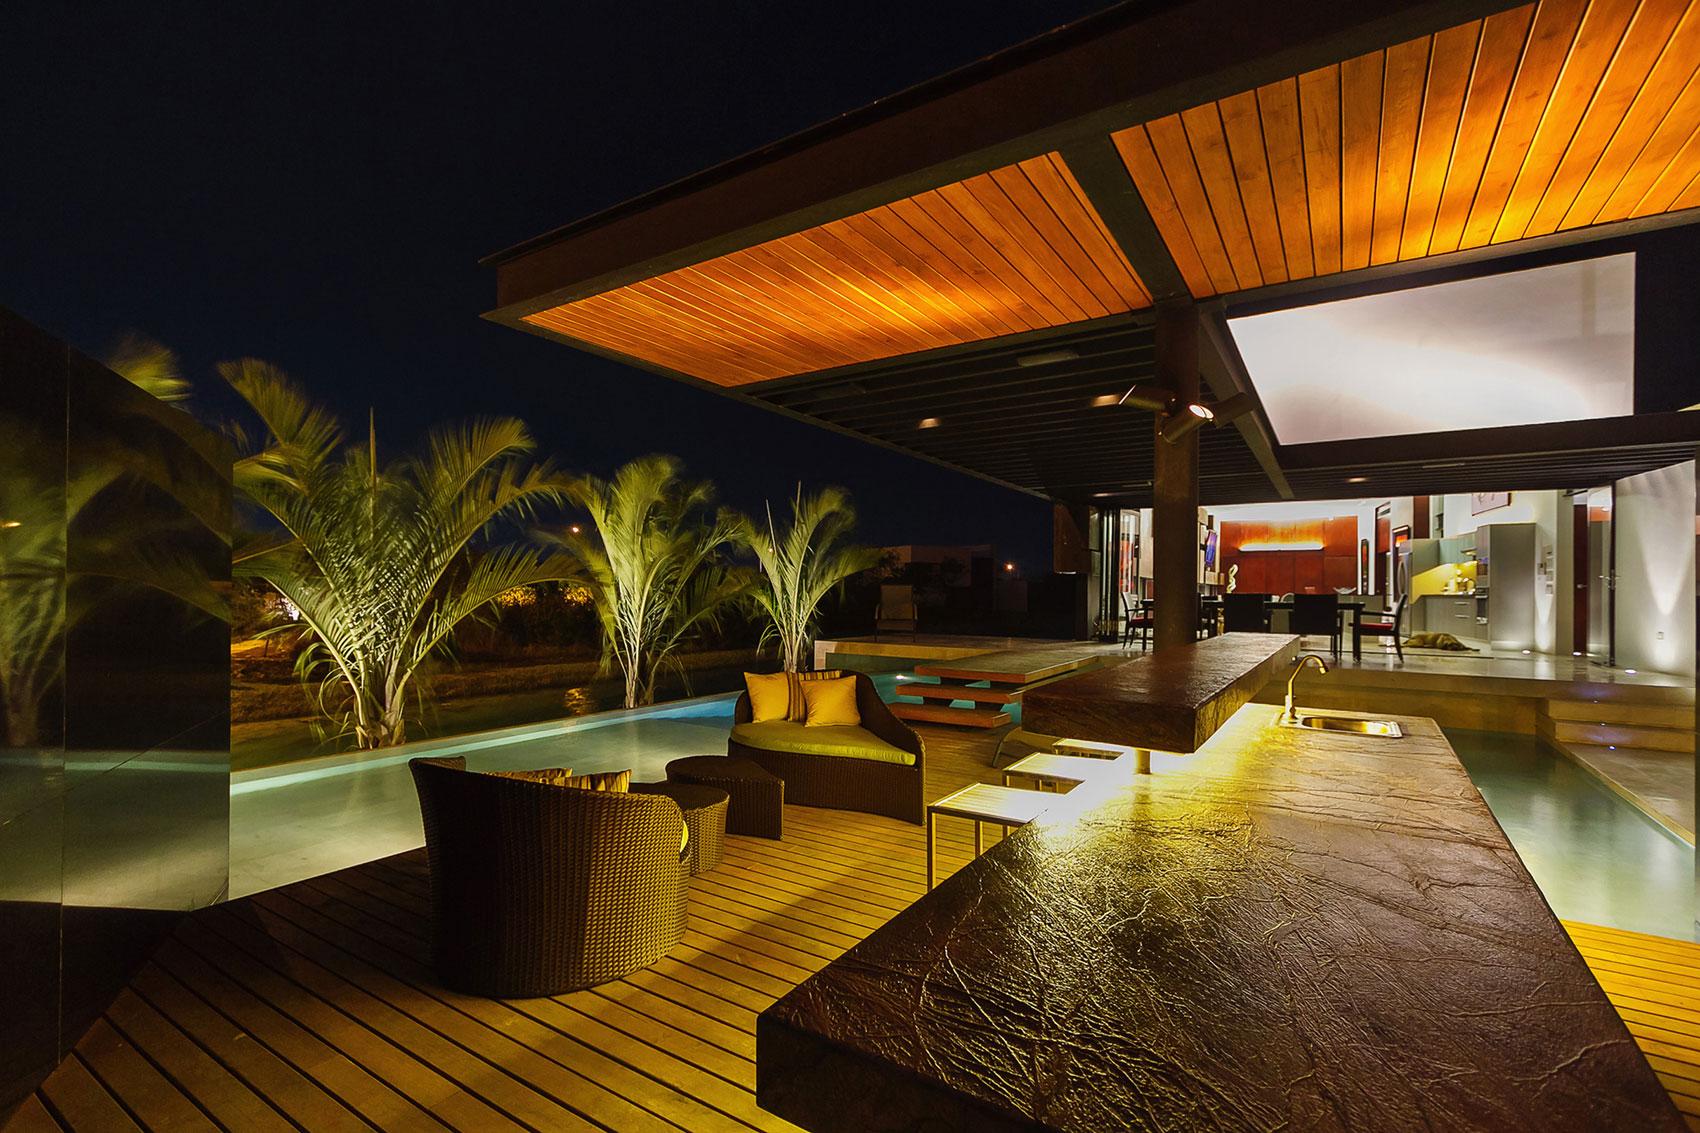 PL2 House in Merida Yucatan Mexico  Architecture  Design